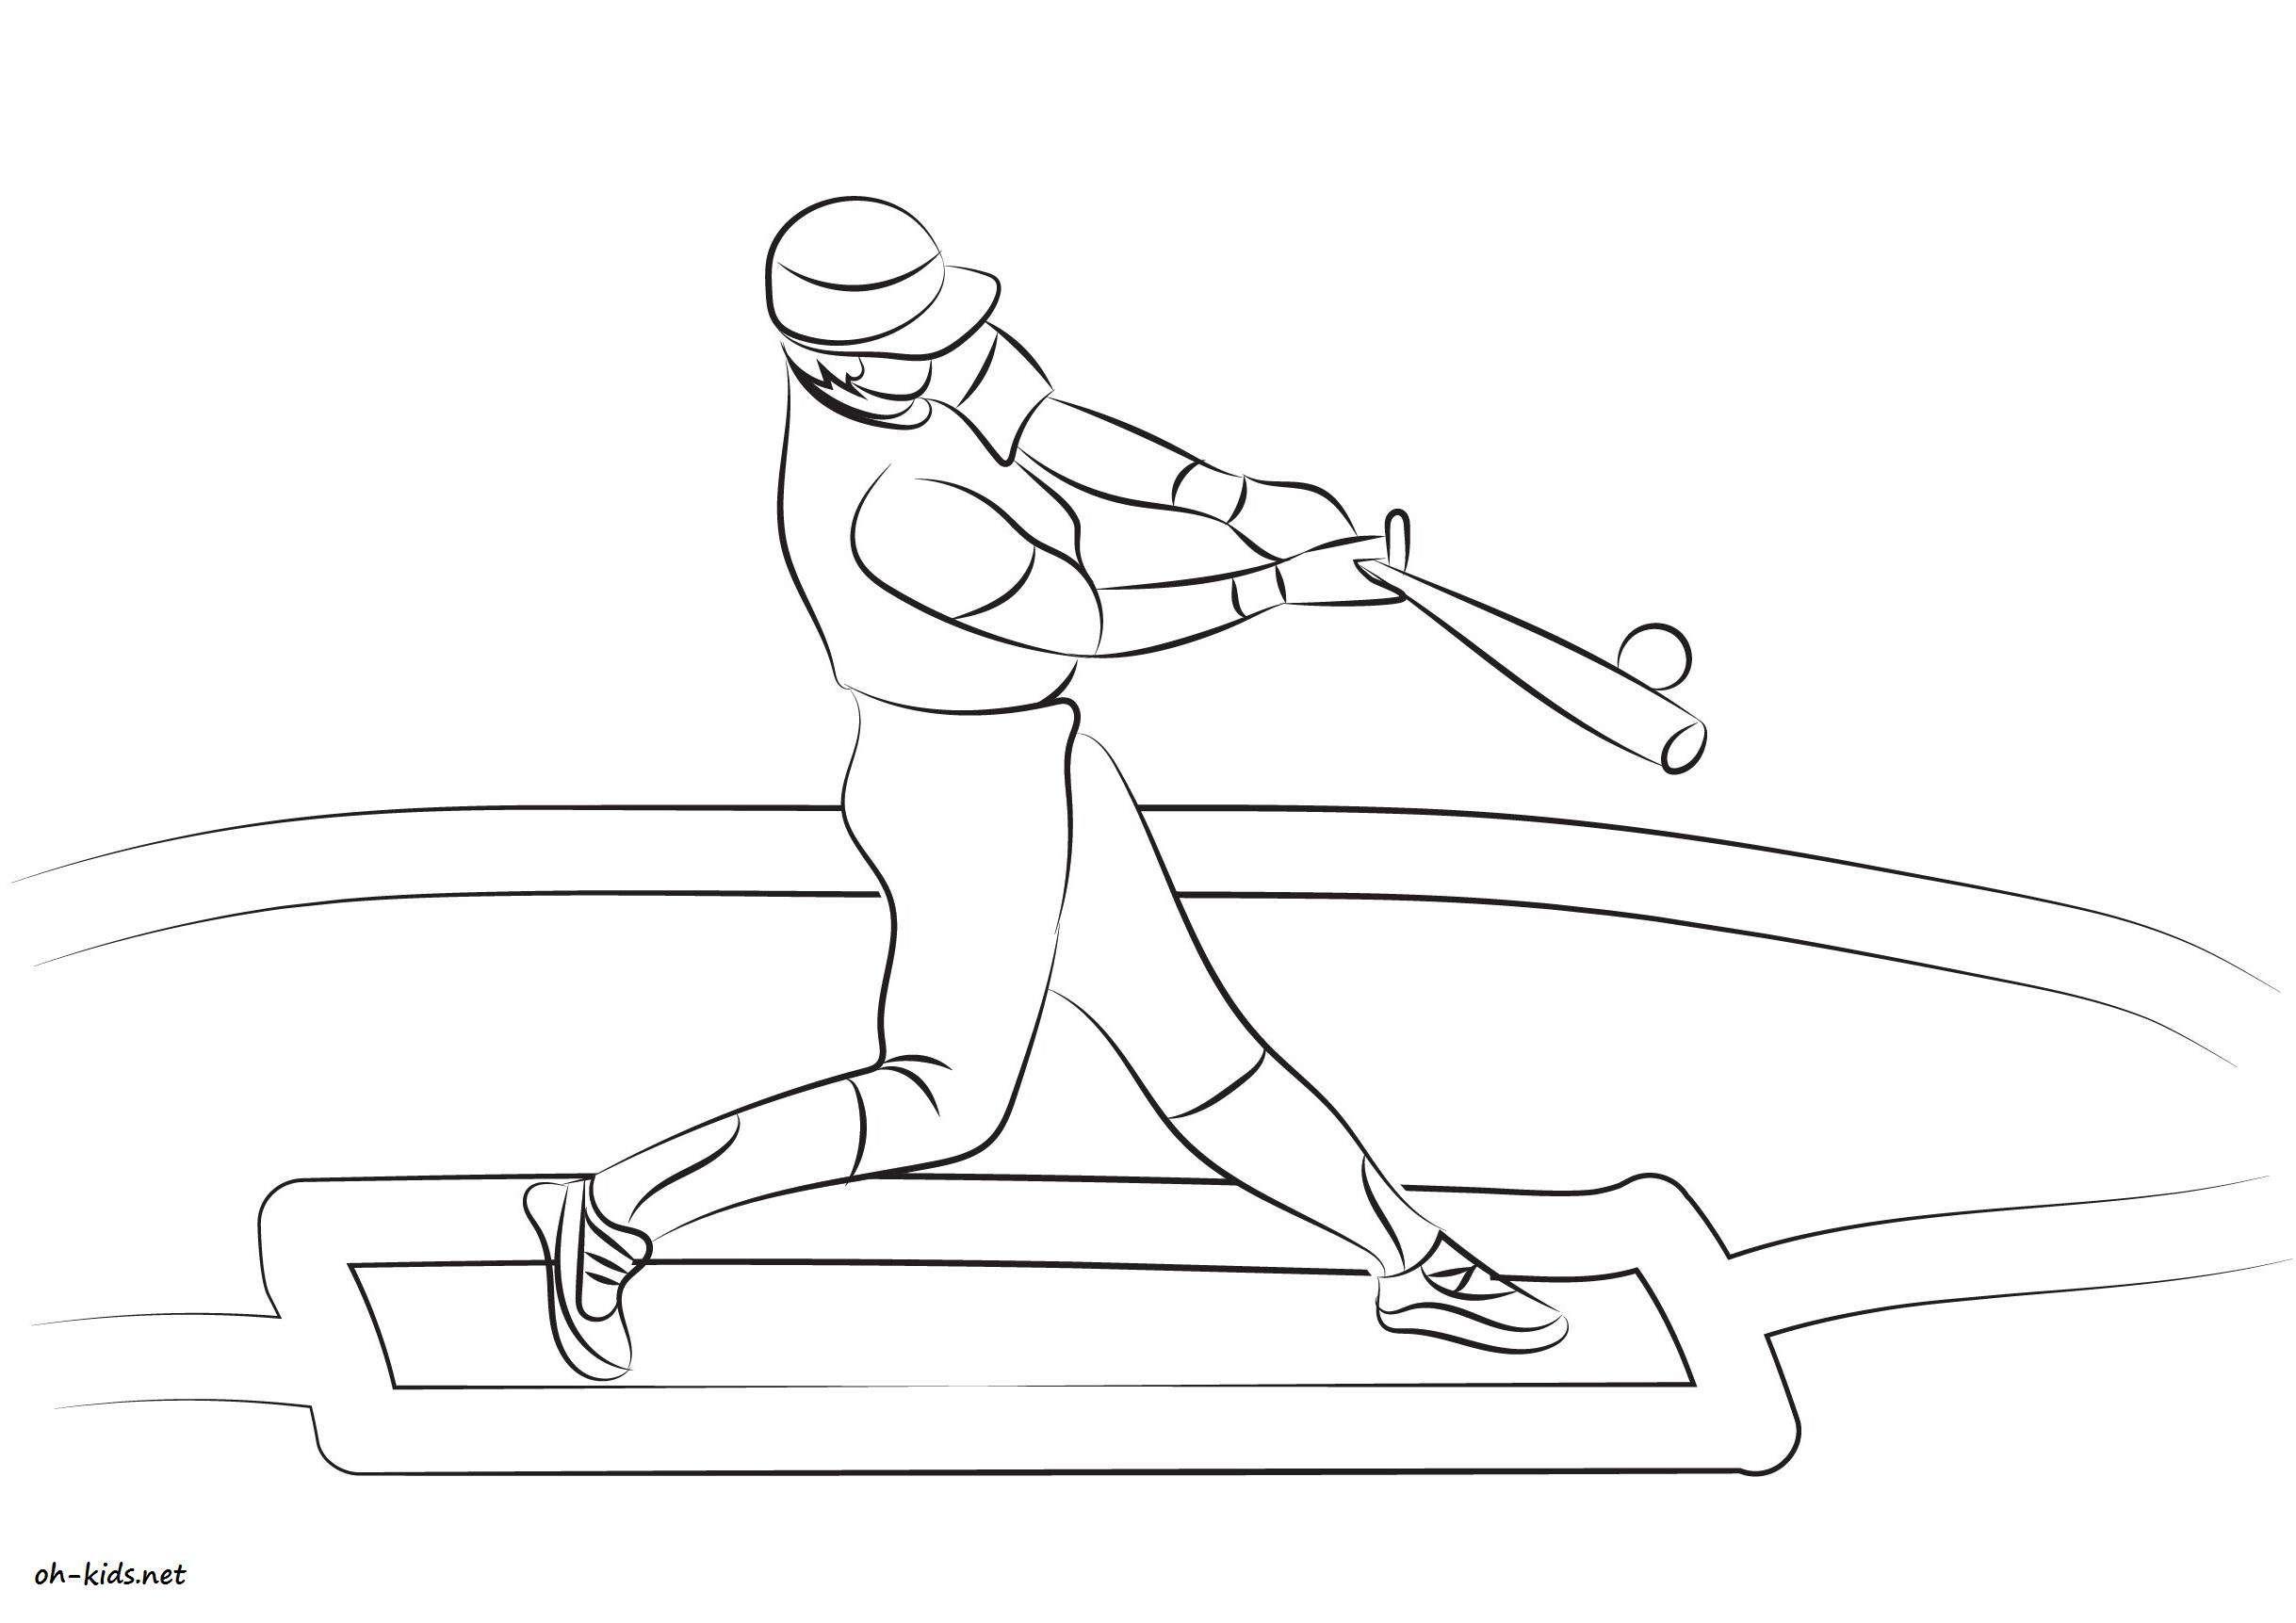 Une Jolie image de baseball a imprimer pour les enfants - Dessin #795